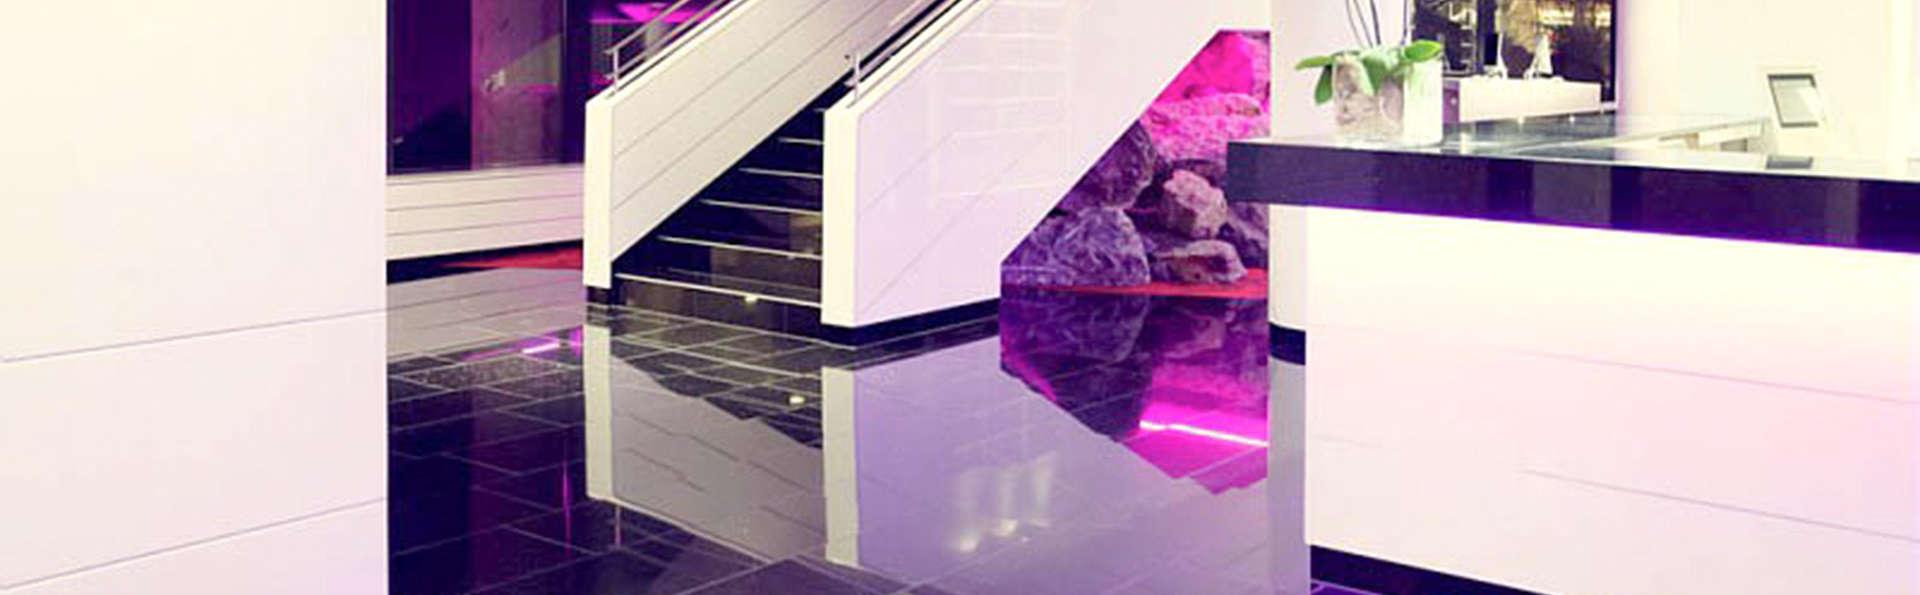 Mercure Hotel Hagen - EDIT_LOBBY_01.jpg